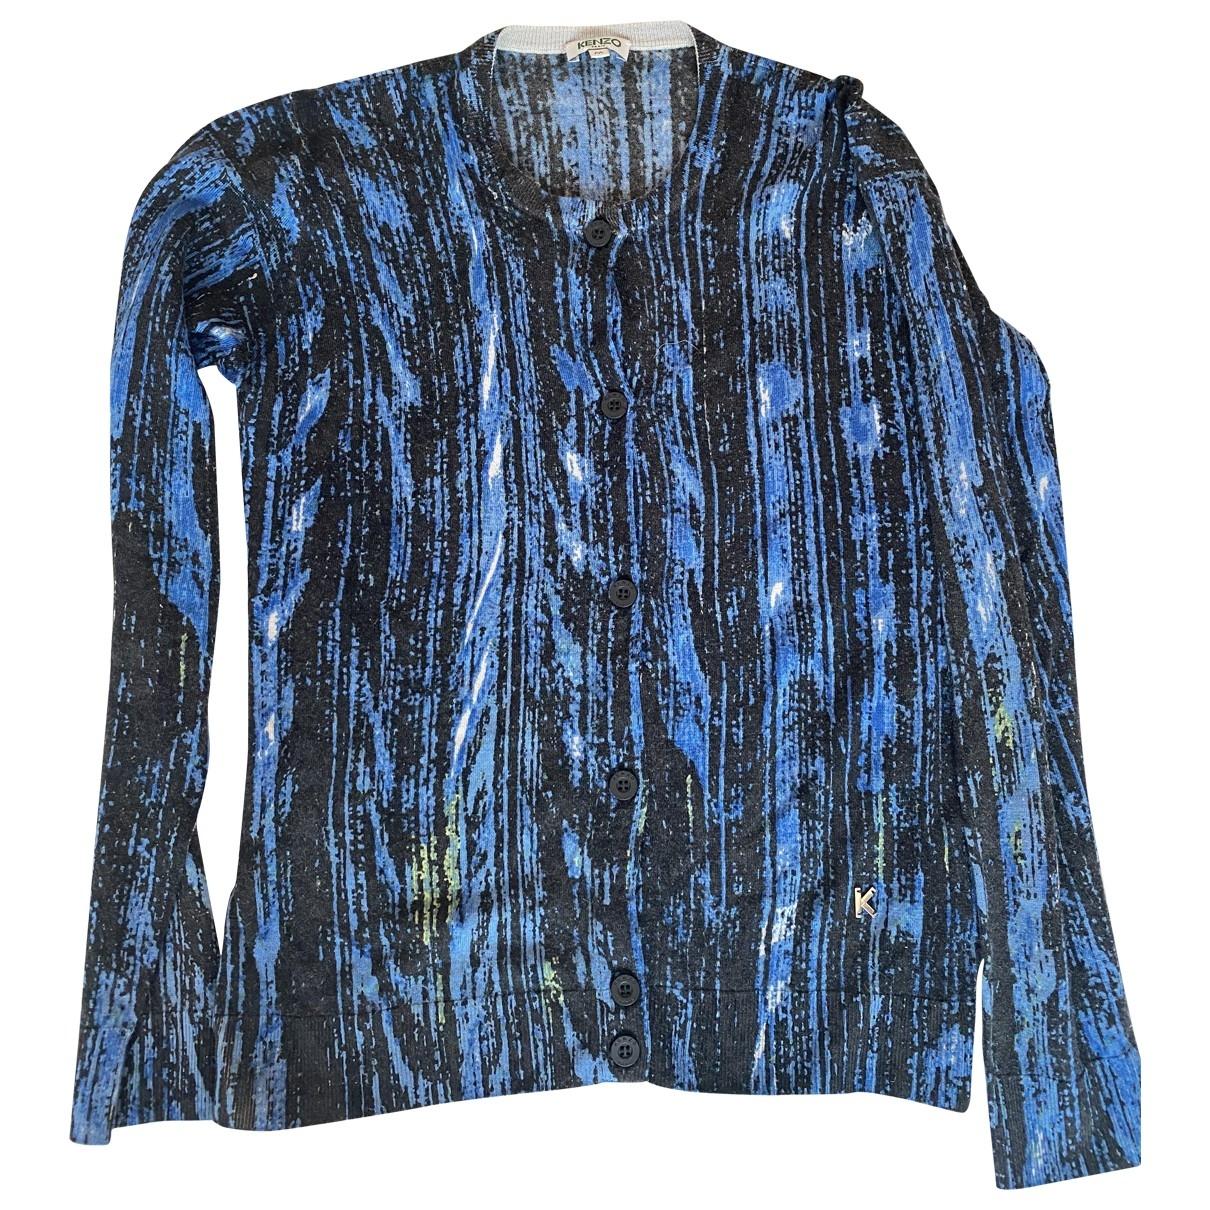 Kenzo \N Pullover in  Blau Wolle